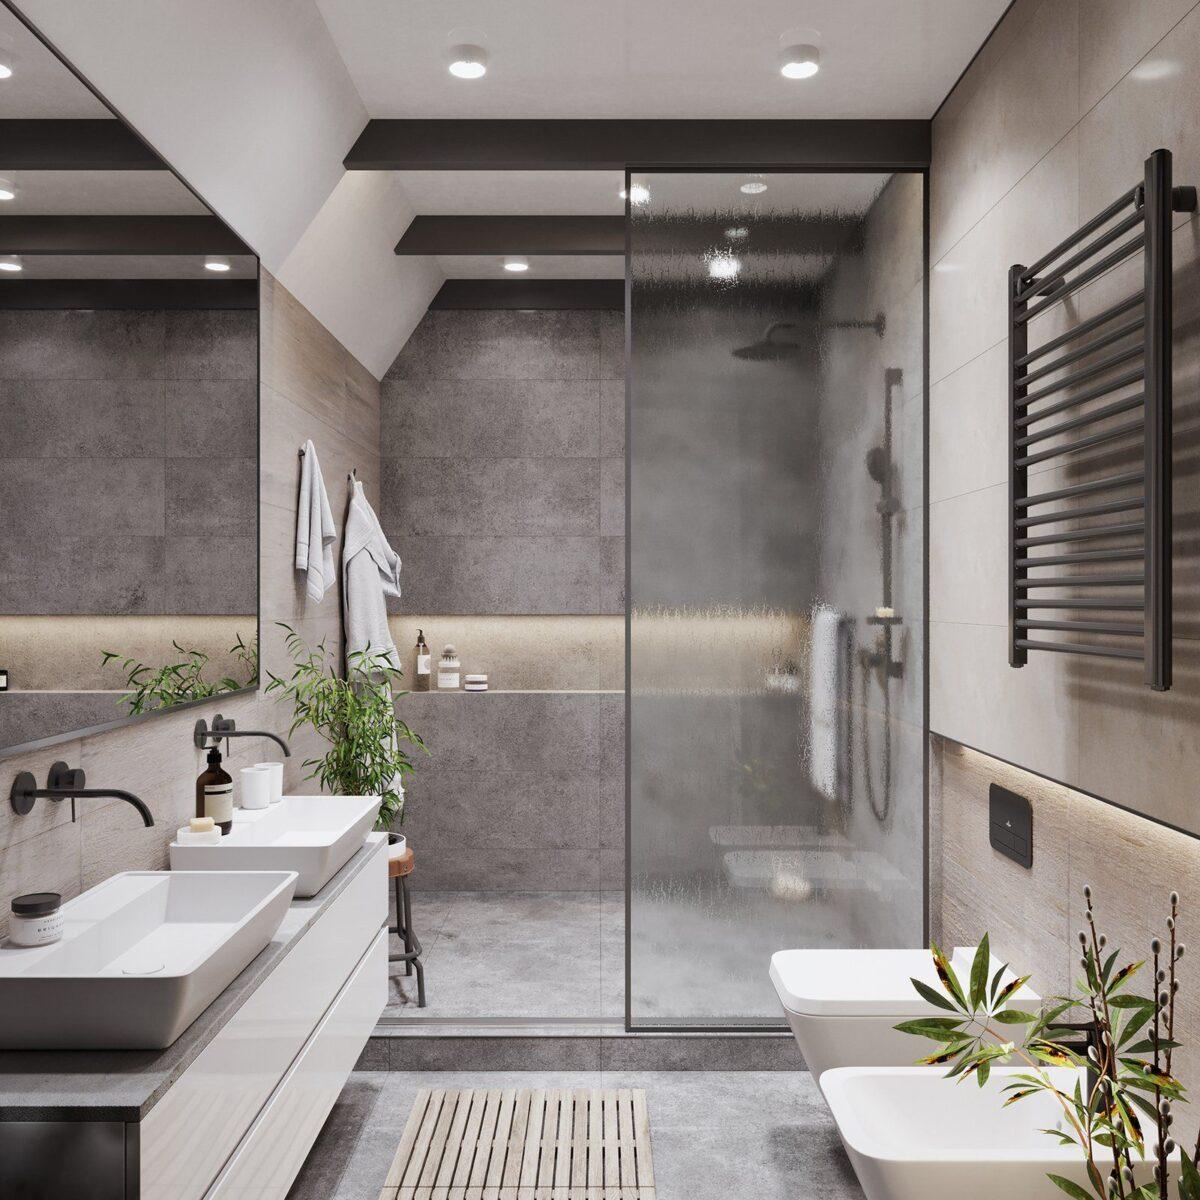 bagno-moderno-10-cose-da-fare-per-arredarlo-al-meglio-1